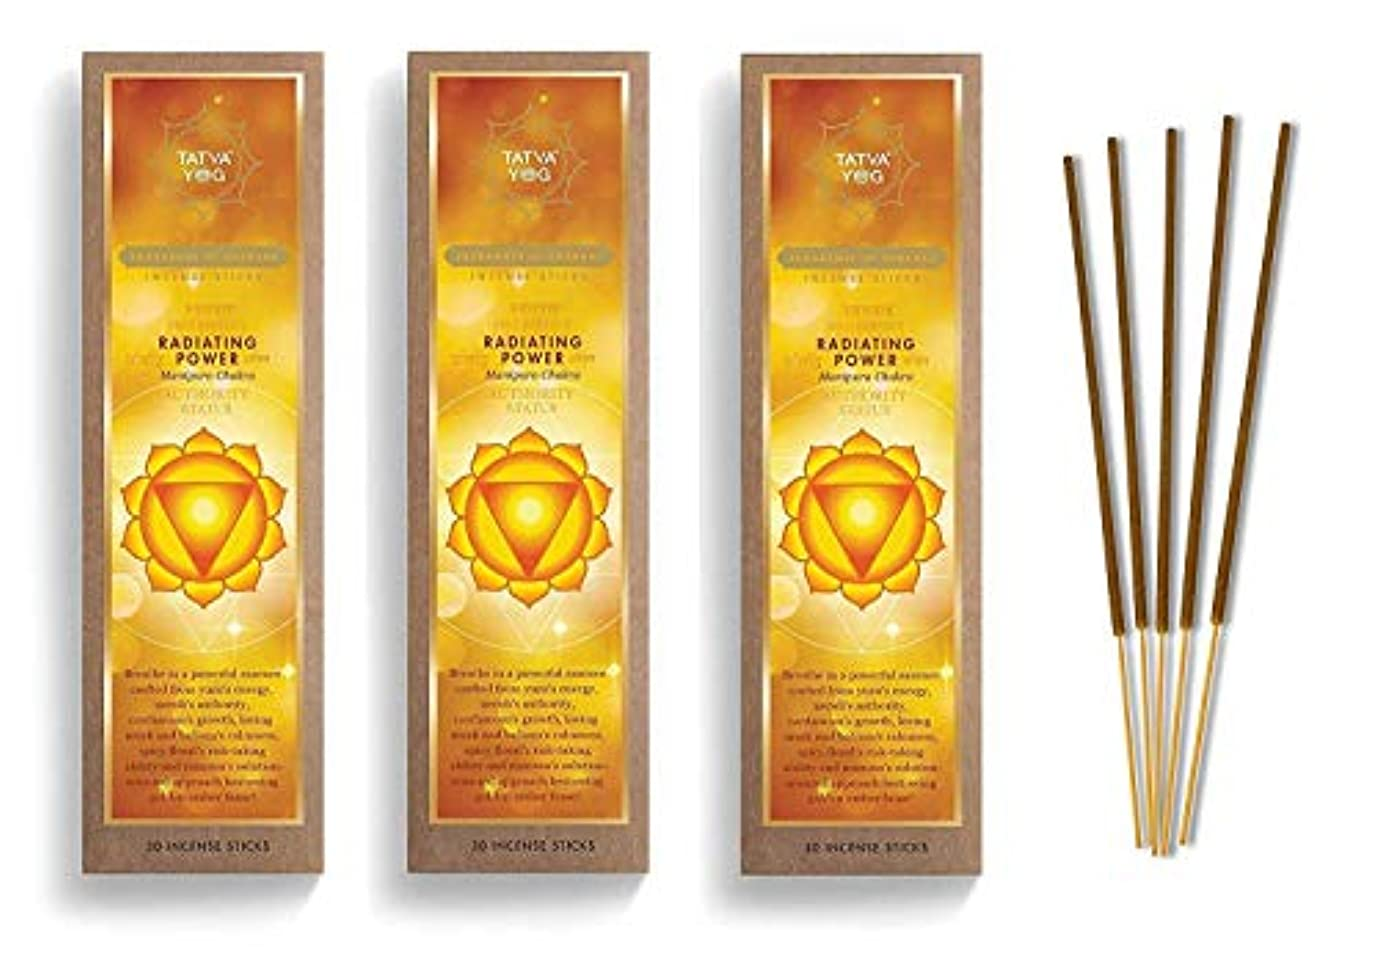 頑張るシャツ水銀のRadiating Power Long Lasting Incense Sticks for Daily Pooja|Festive|Home|Scented Natural Agarbatti for Positive Energy|Good Health & Wealth (Pack of 3 | 30 Sticks Per Pack)